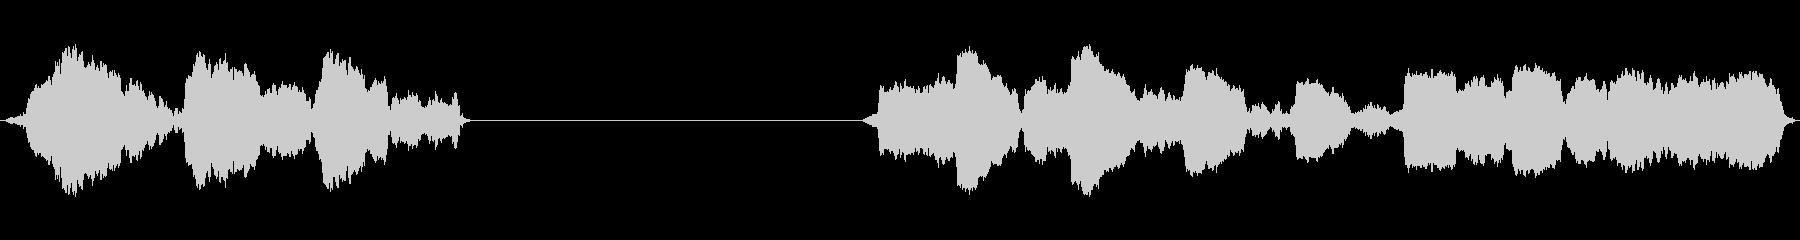 ホイッスルトレインフラッターブロースローの未再生の波形